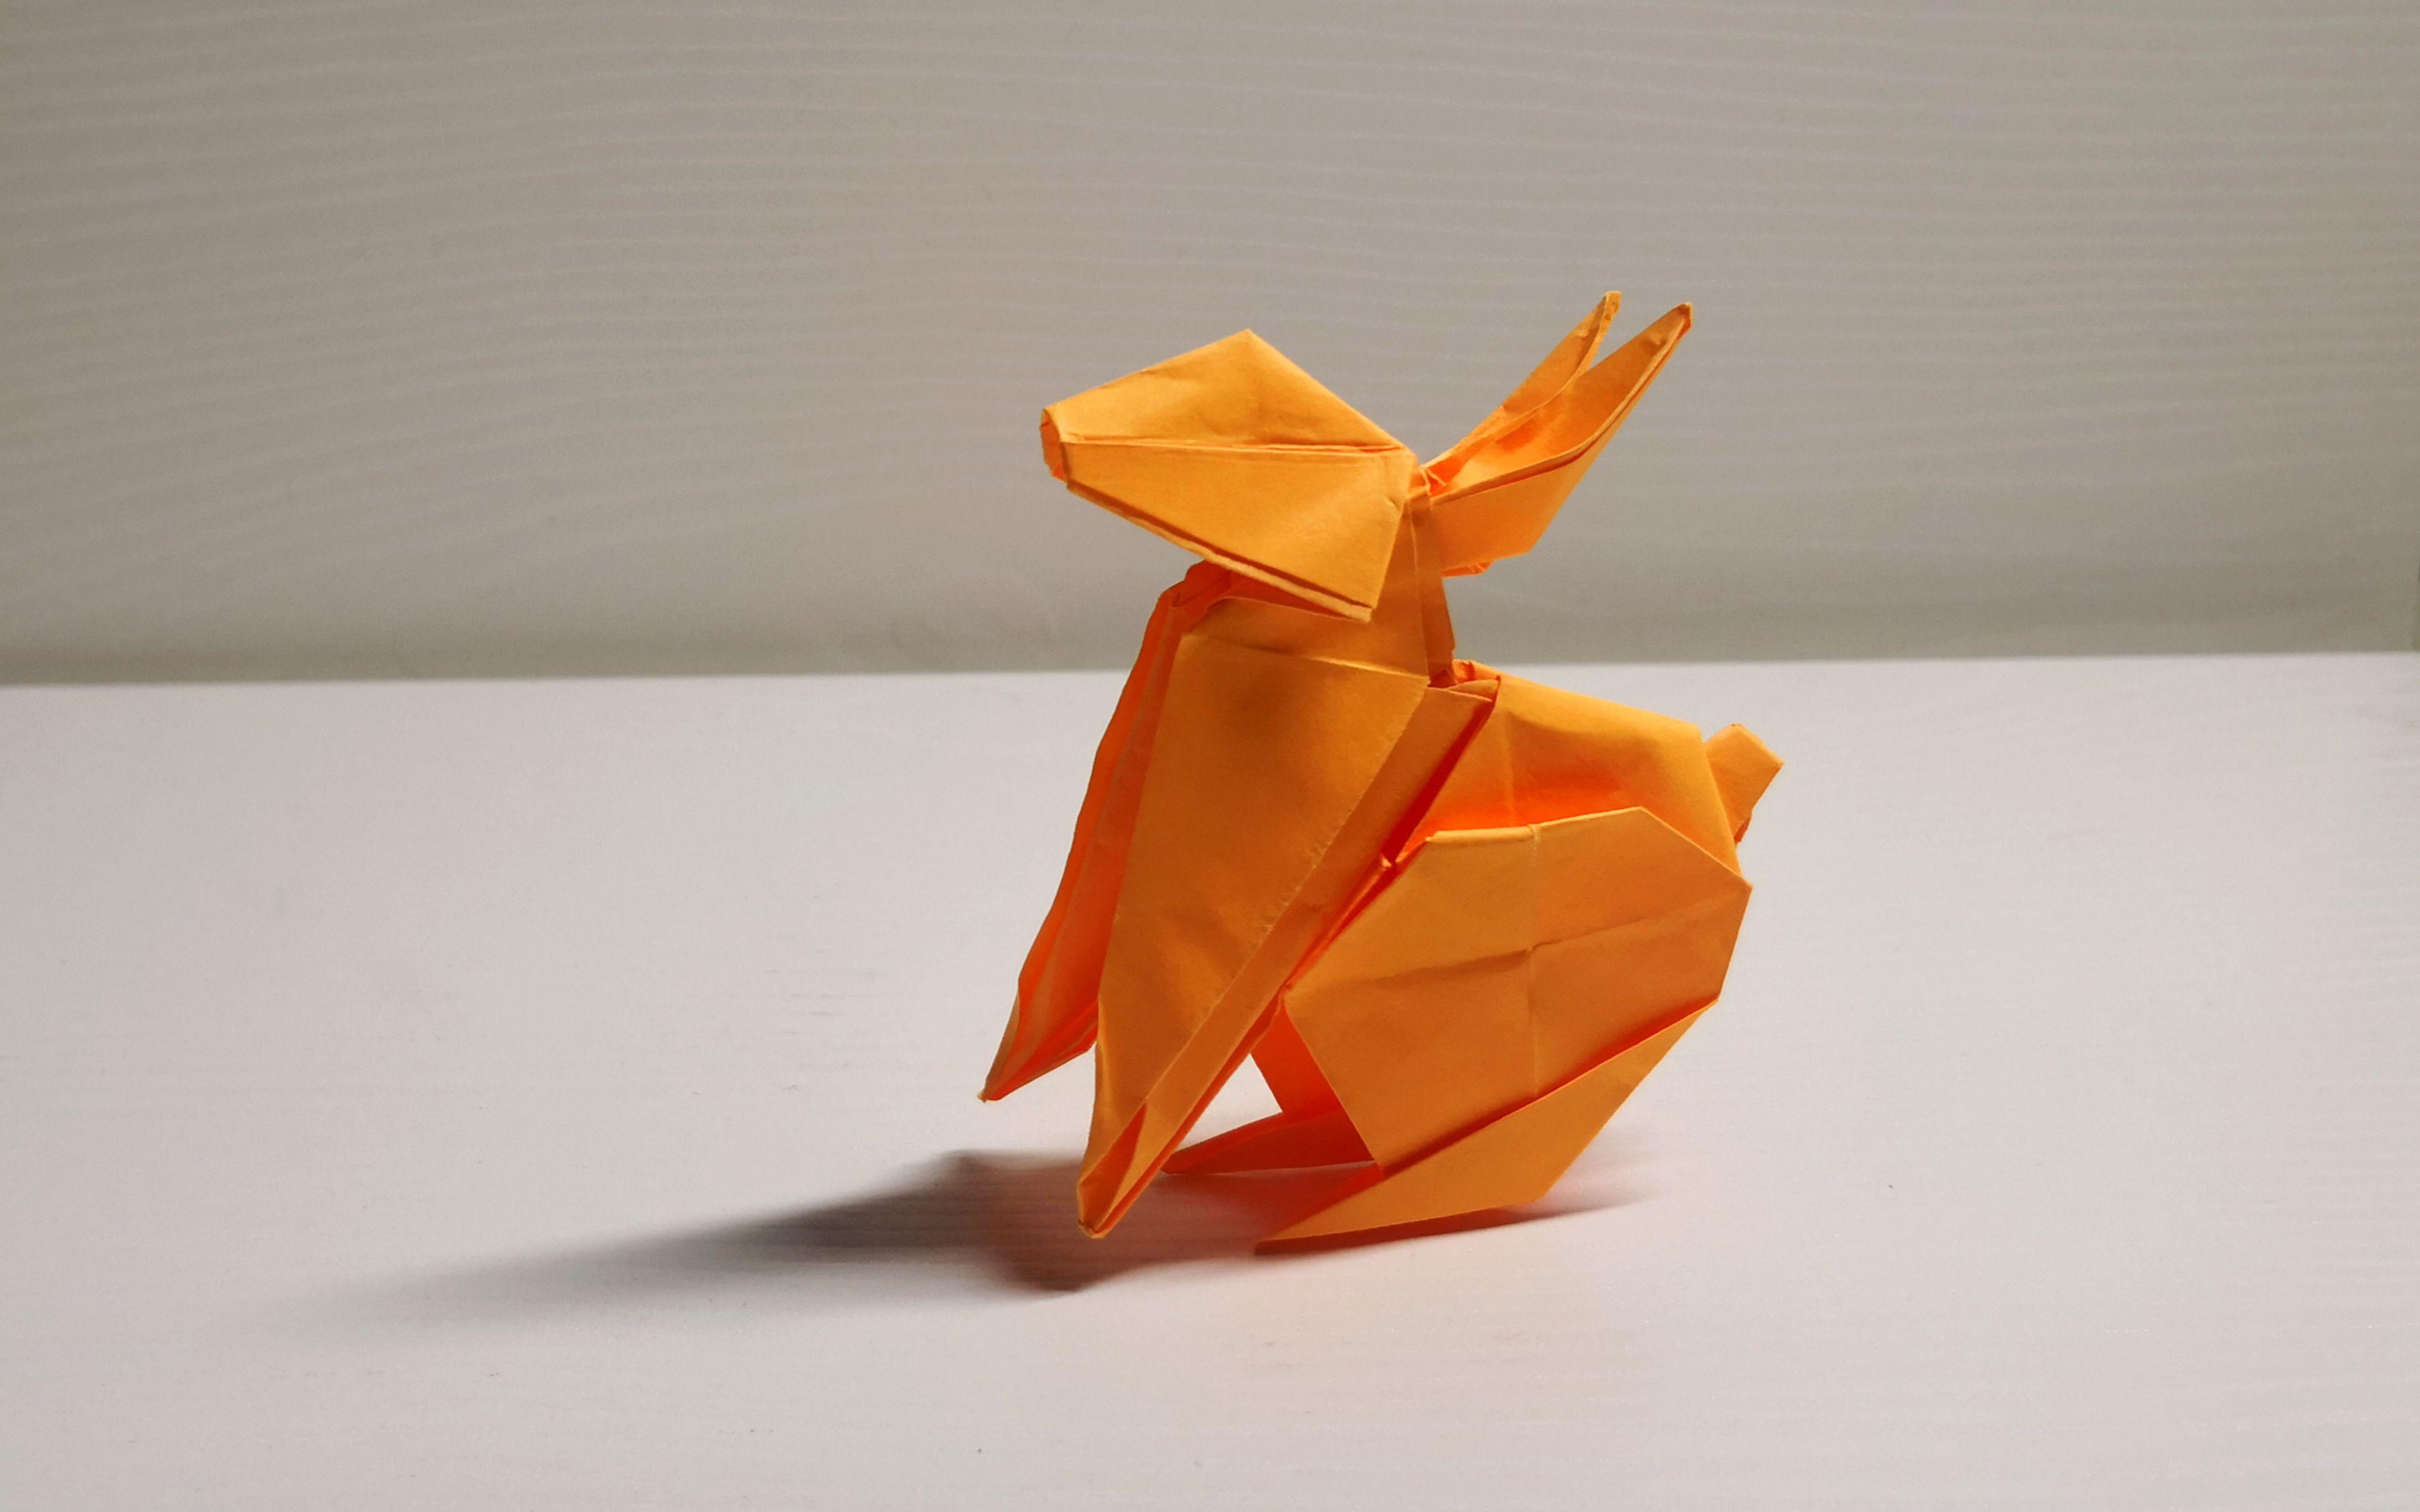 【折纸】实拍折纸视频教程,中国十二生肖的小兔子折纸图片